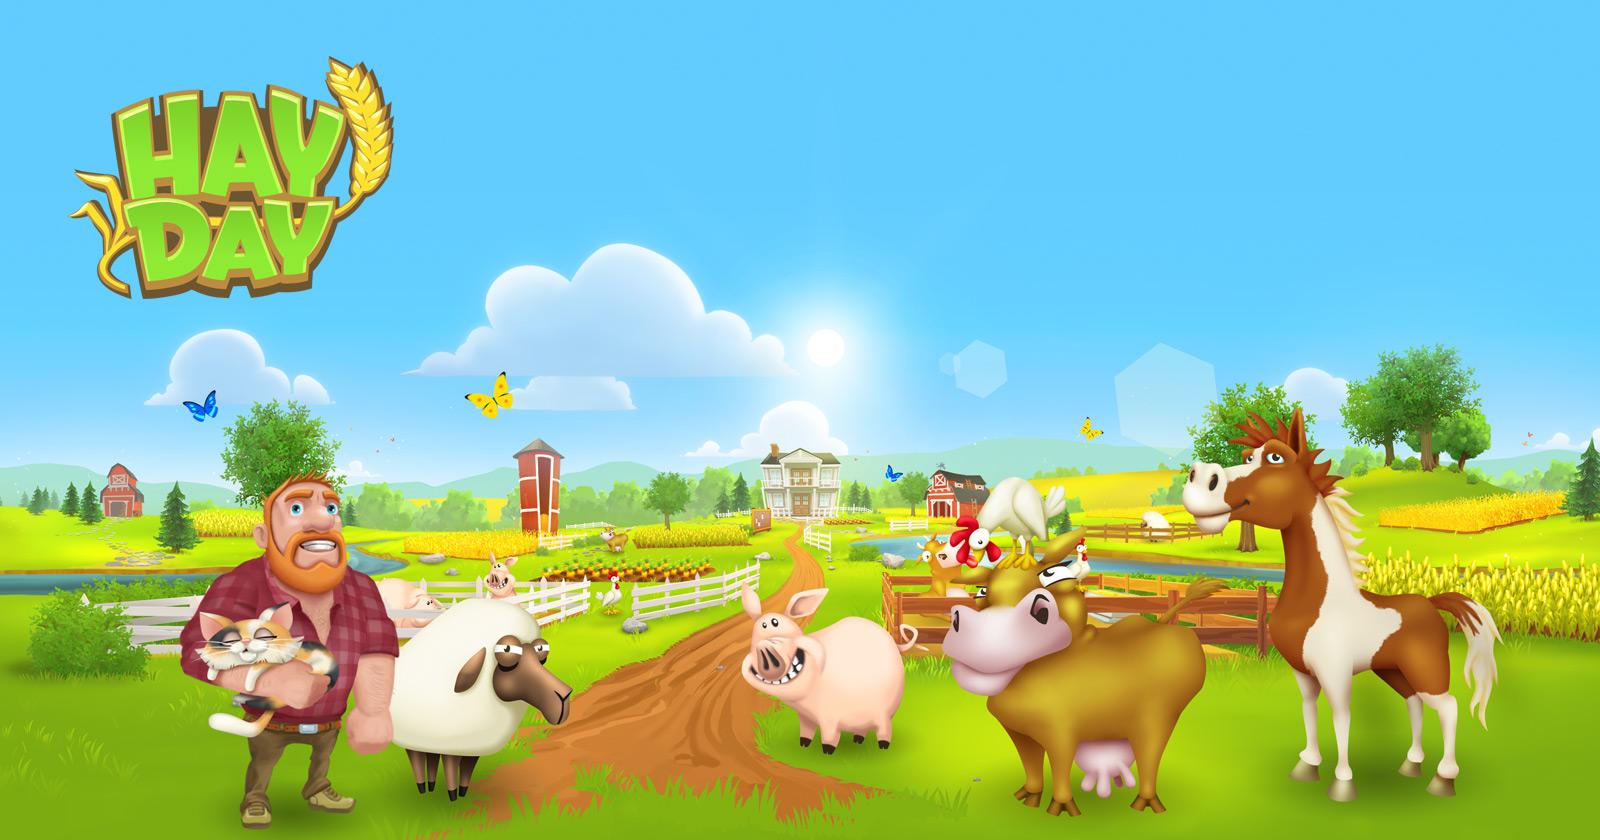 لعبة المزرعة هاي داي